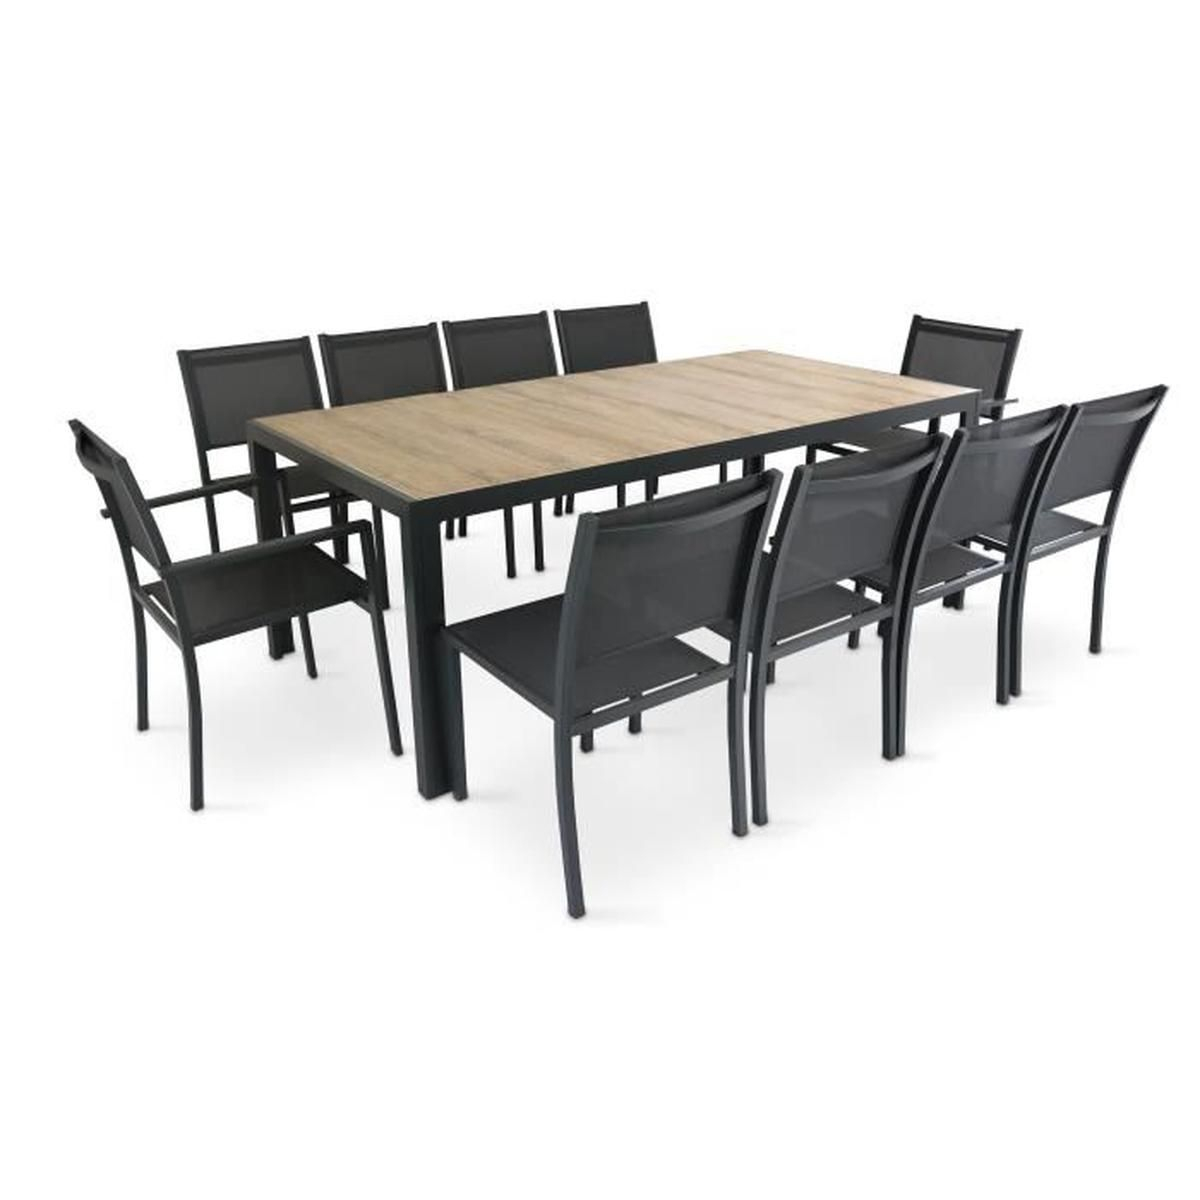 Table De Jardin 10 Places Aluminium Et Céramique - Ensemble ... intérieur Table Jardin 10 Personnes